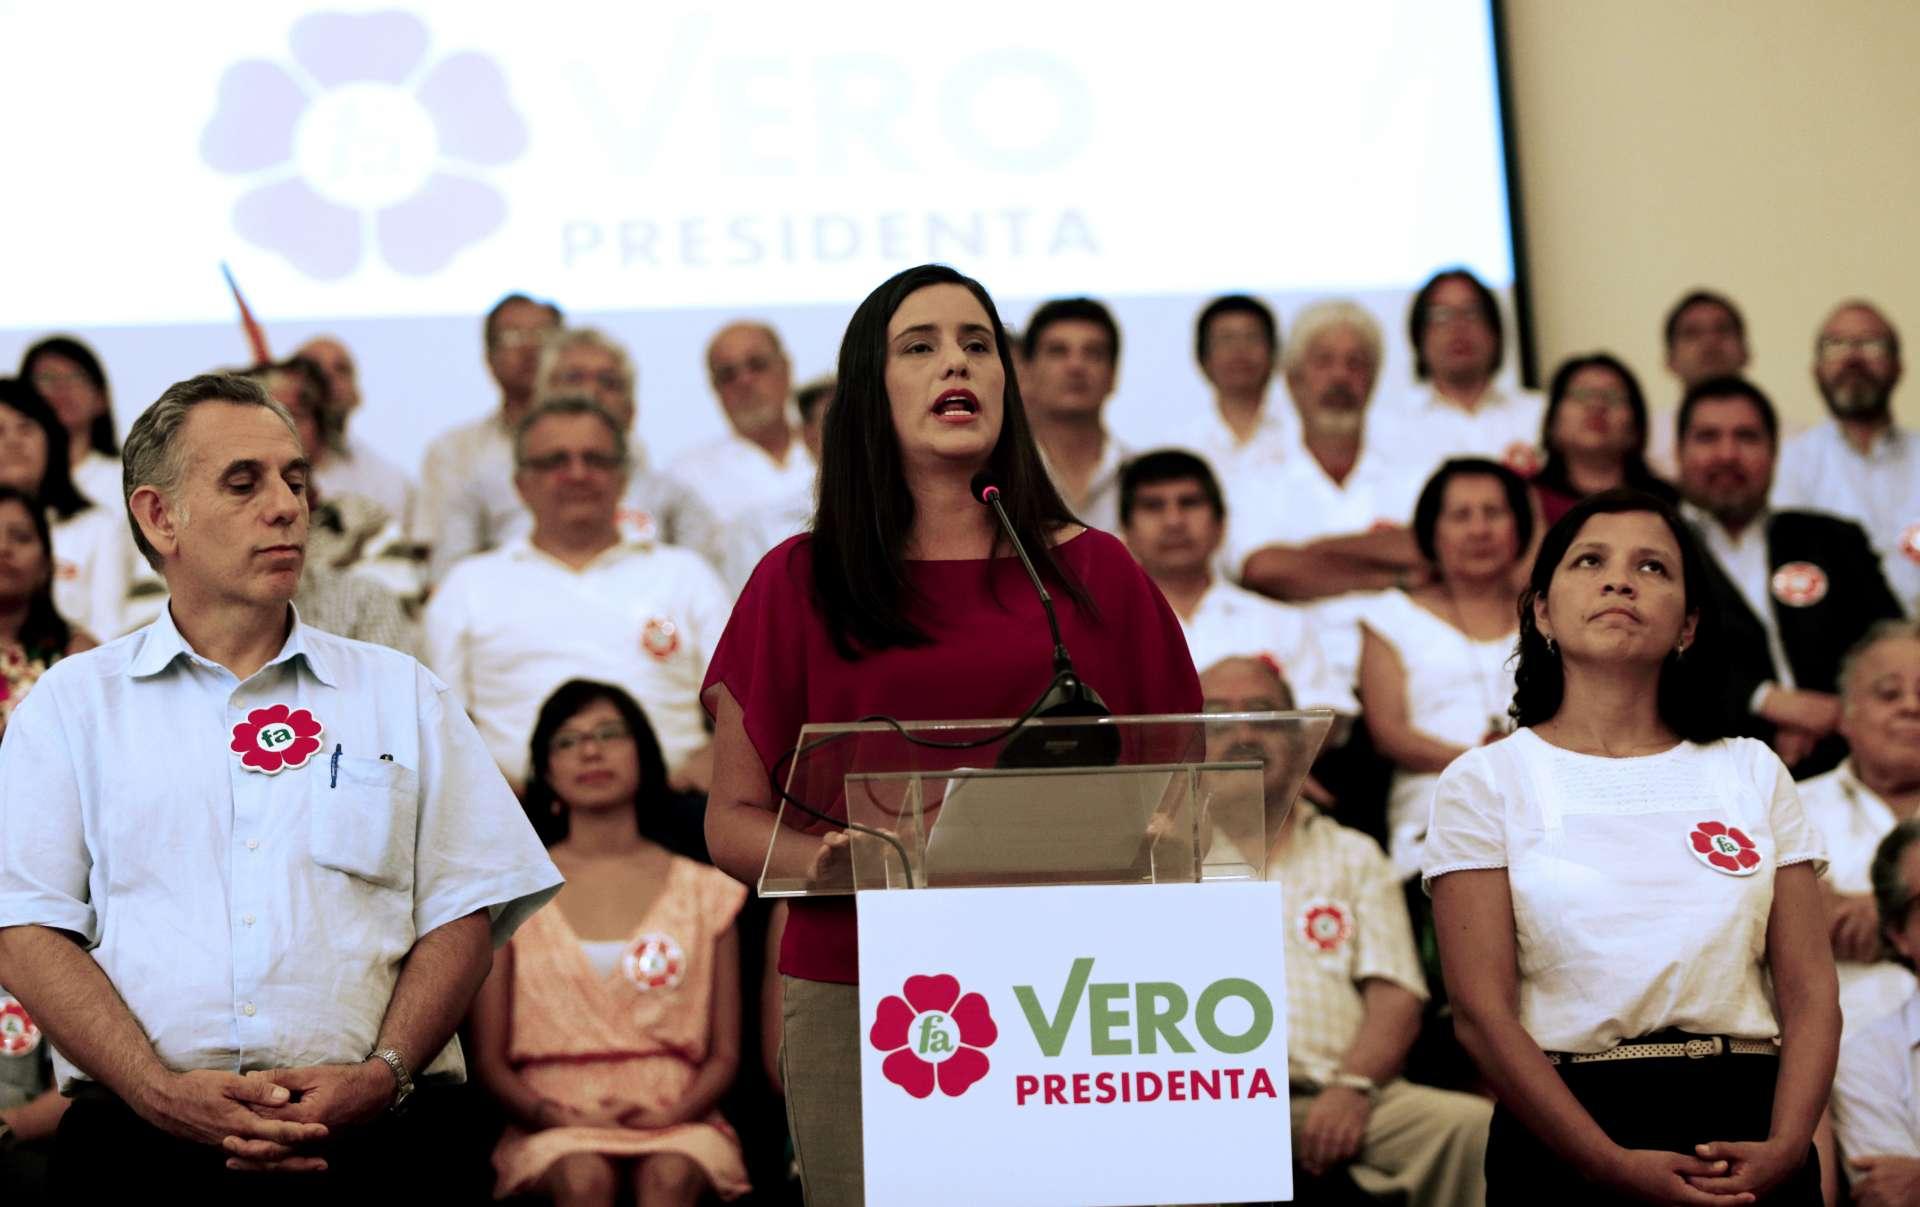 La candidata del Frente Amplio Veronika Mendoza presenta a su equipo. Fotografía de Mariana Bazo, Reuters. Publicada en BEZ